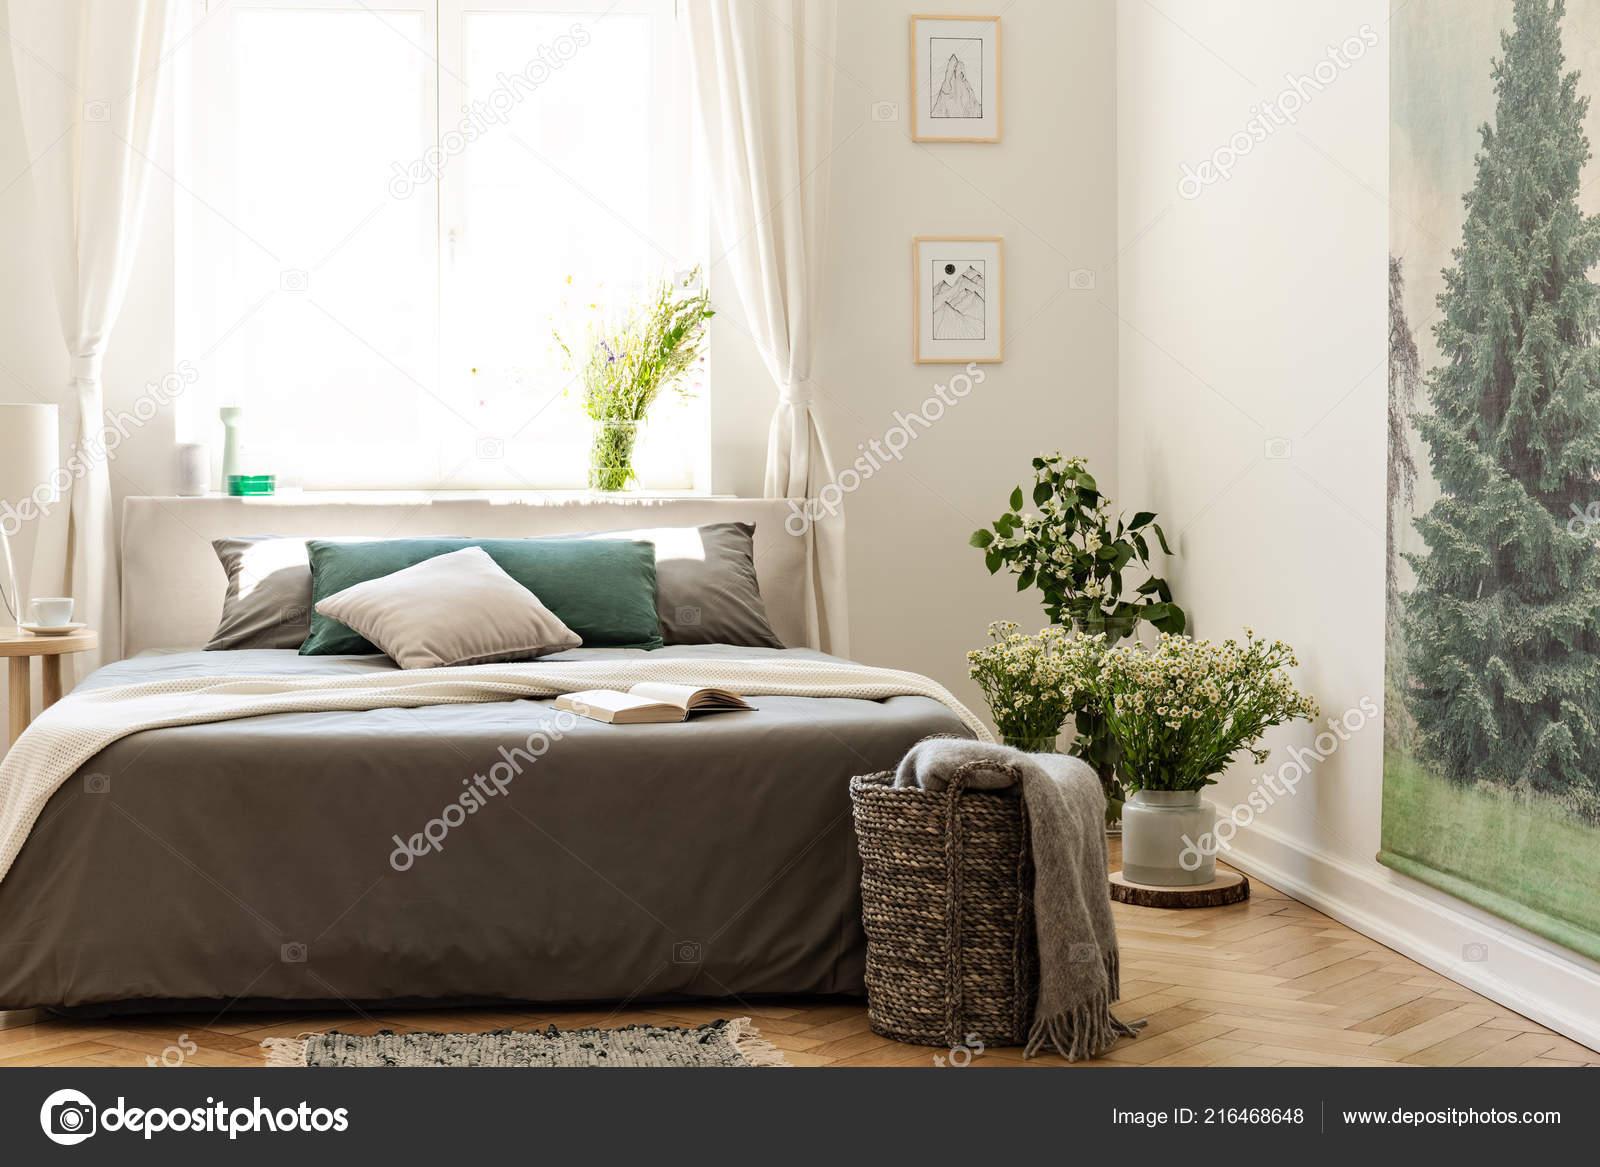 Holzfußboden Natur ~ Natur schlafzimmer interieur erdfarben mit einem bett auf einem